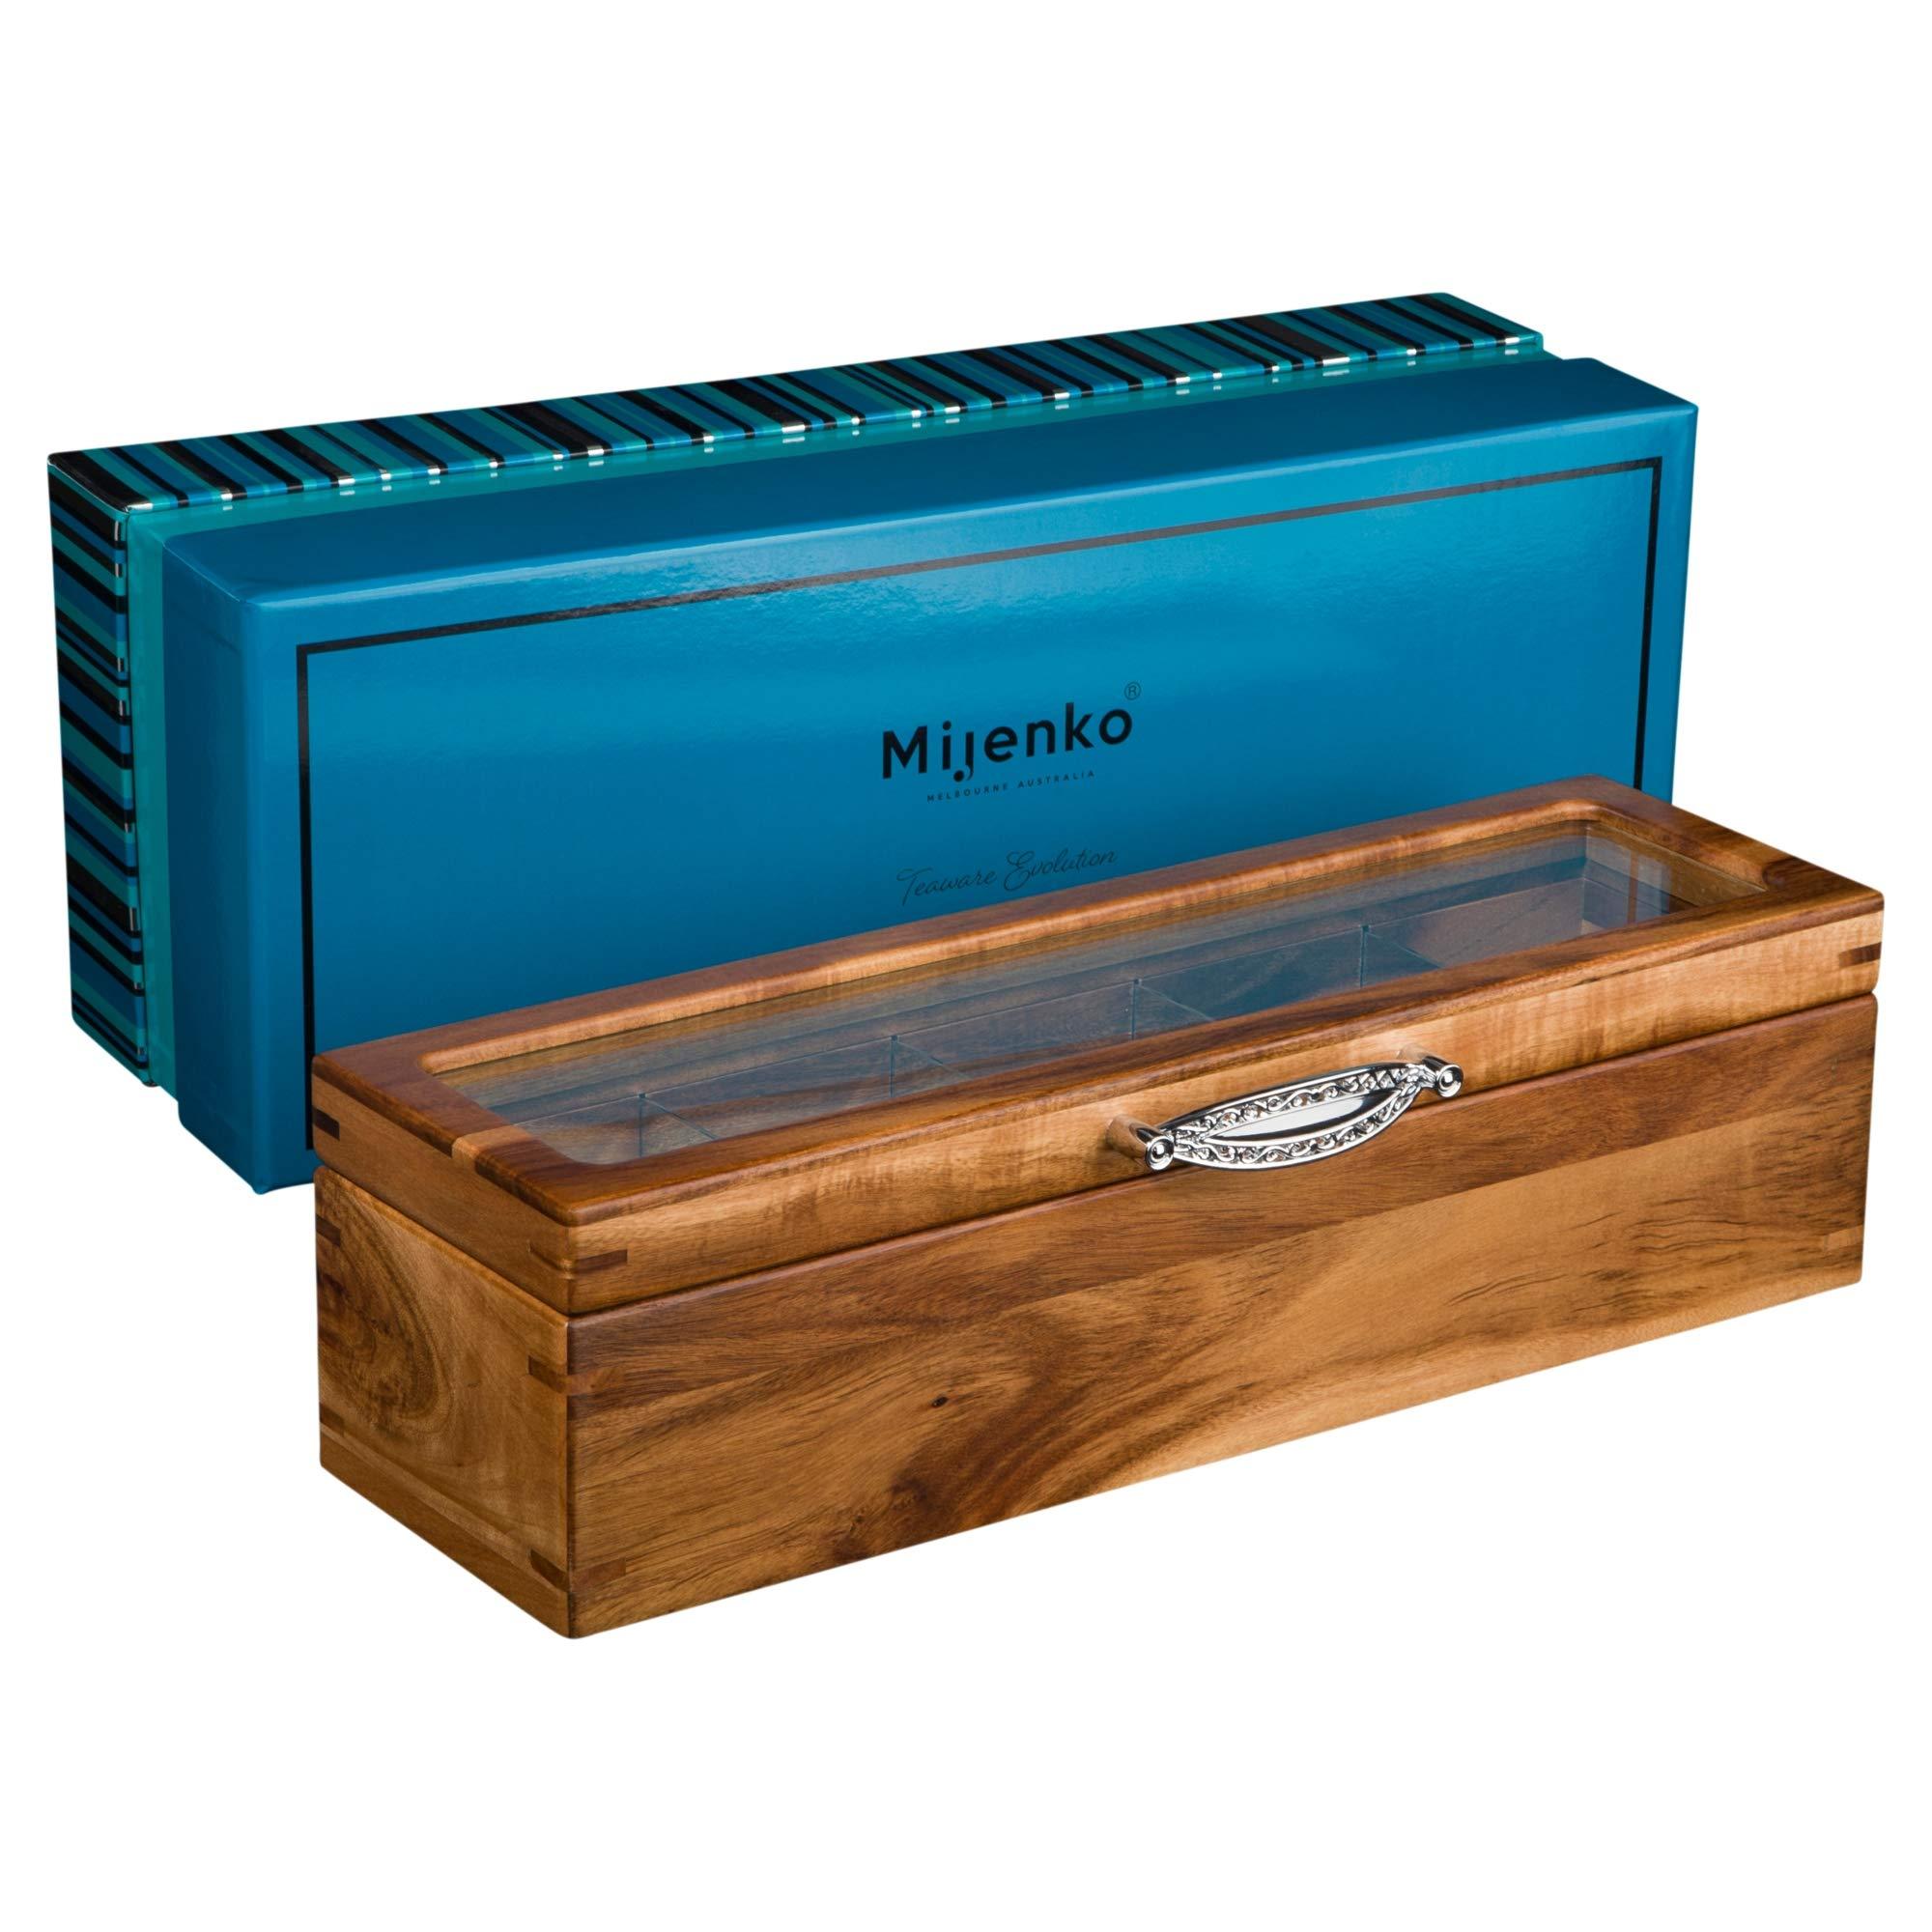 Mijenko Wooden Tea Bag Box Chest Wood Storage Boxes Organizer Gift Silver xmas Kitchen Boxes Wedding